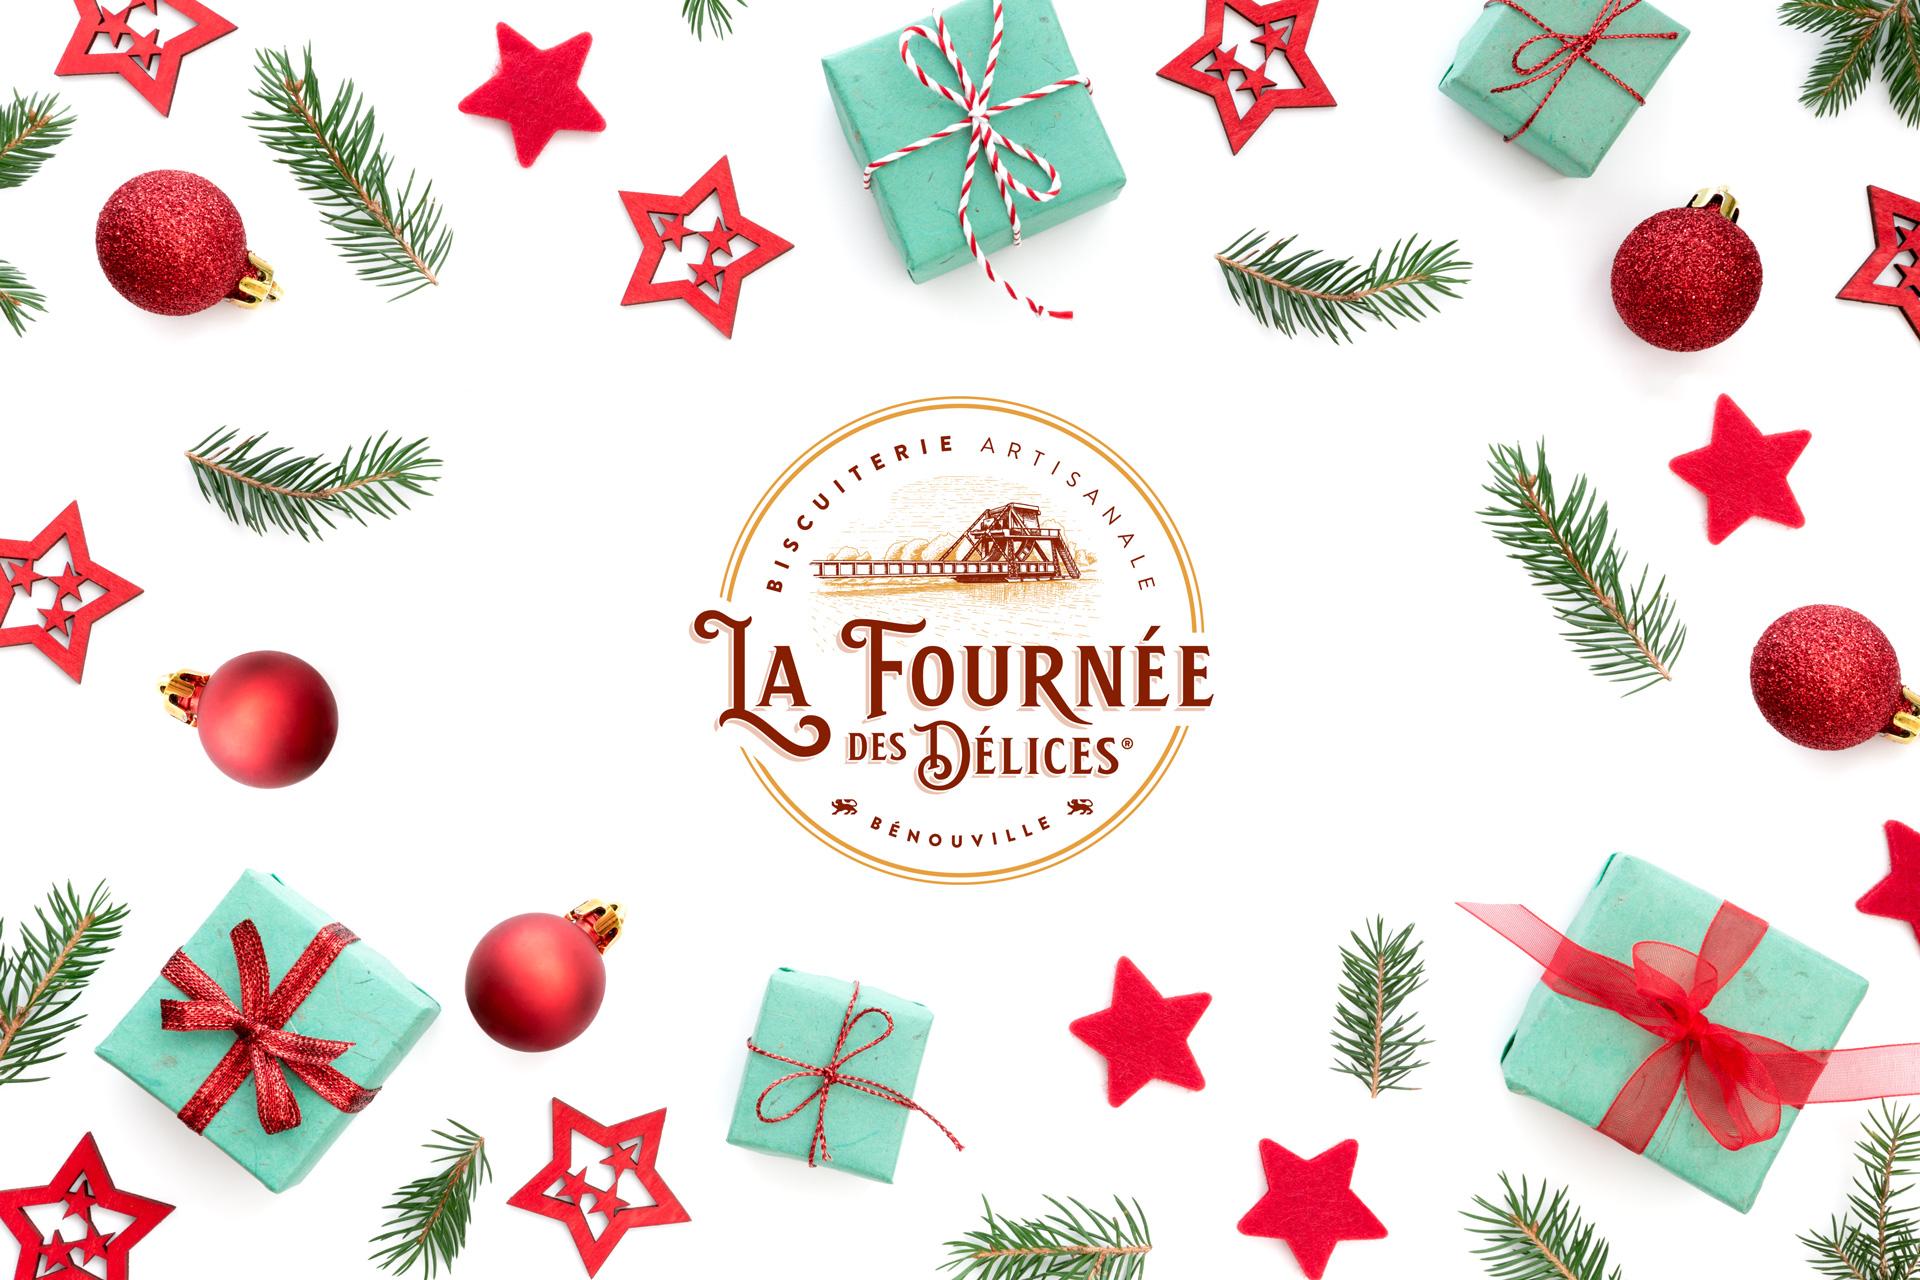 Agenda de Noël La Fournée des délices